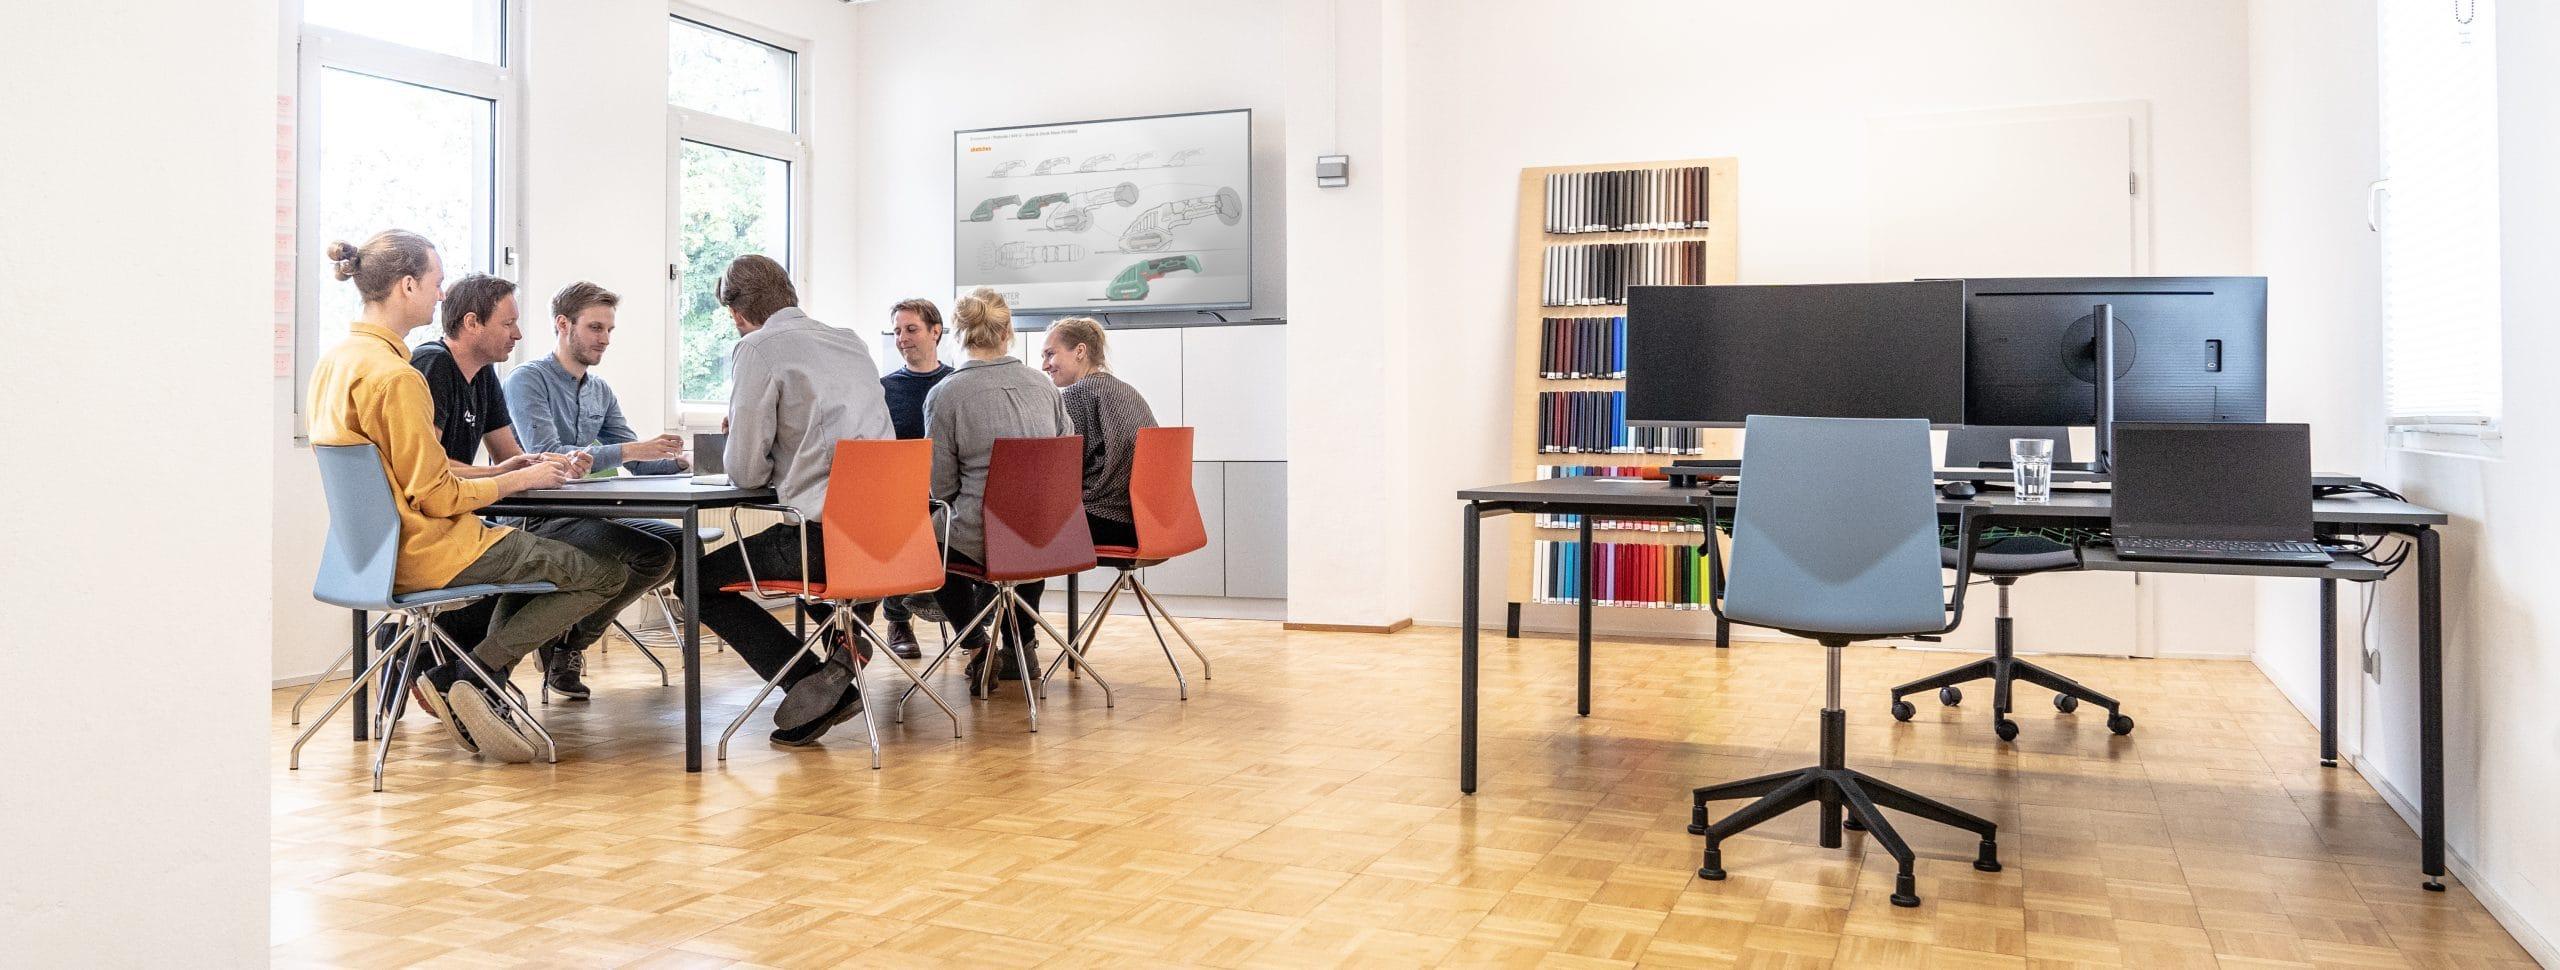 projekter_büro_industriedesign_duisburg